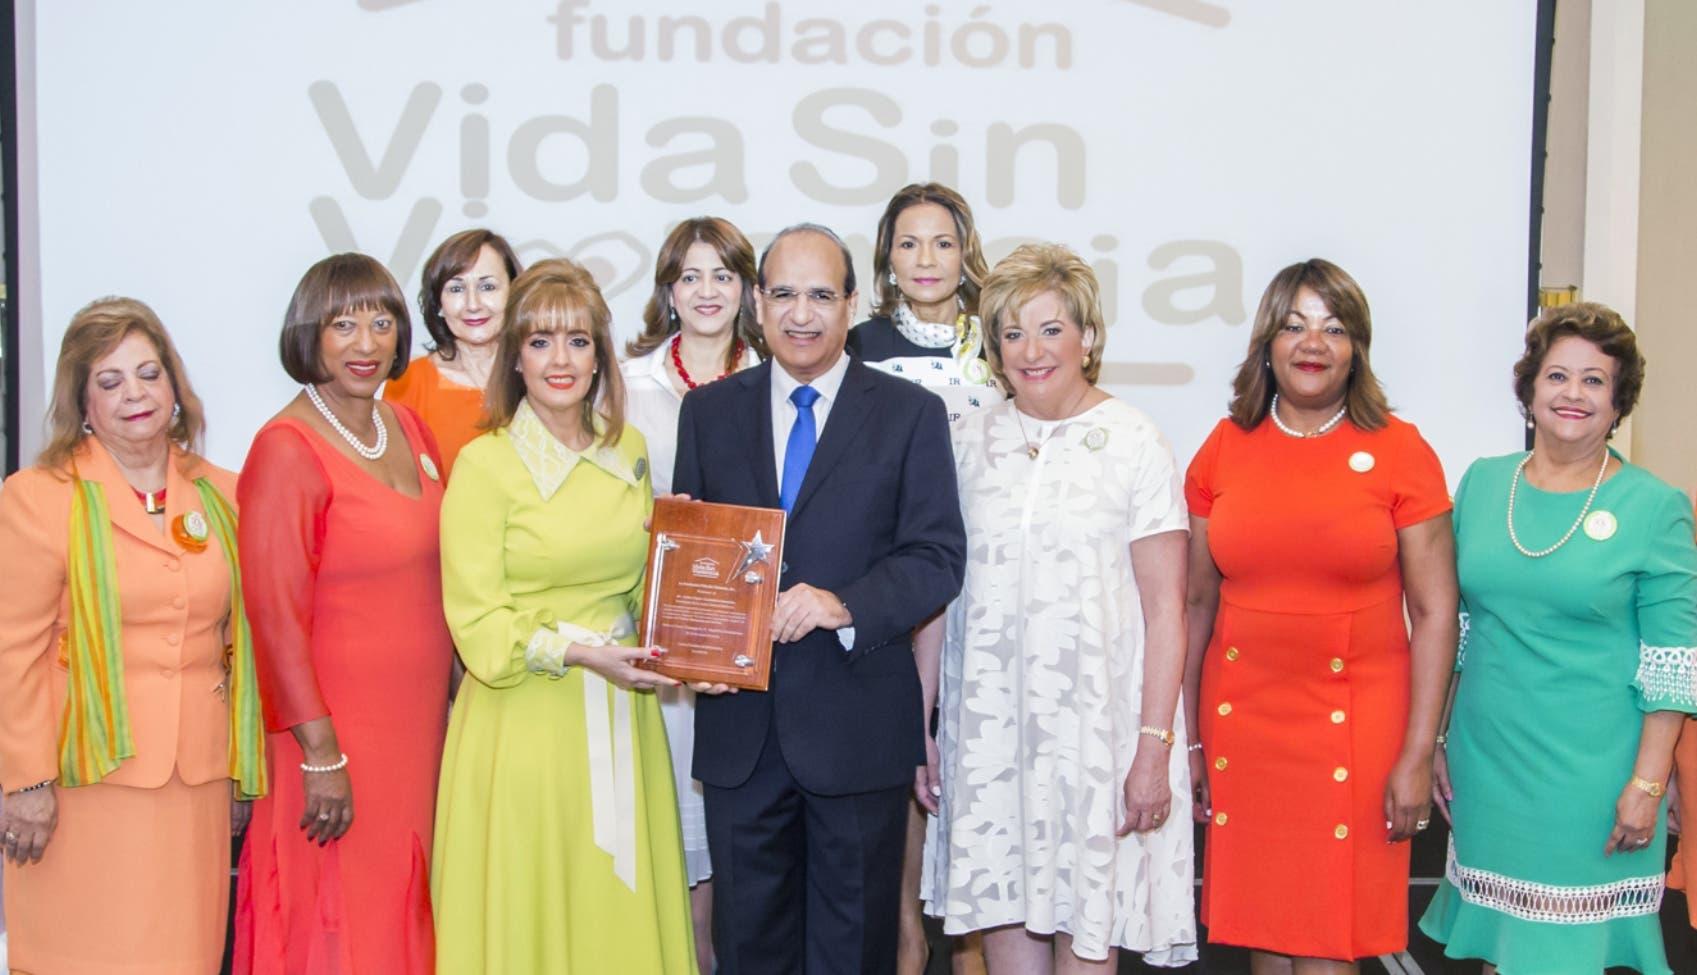 Castaños   Guzmán fue el conferencista  principal en el Tercer Desayuno de la Fundación Vida Sin Violencia.  Fuente externa